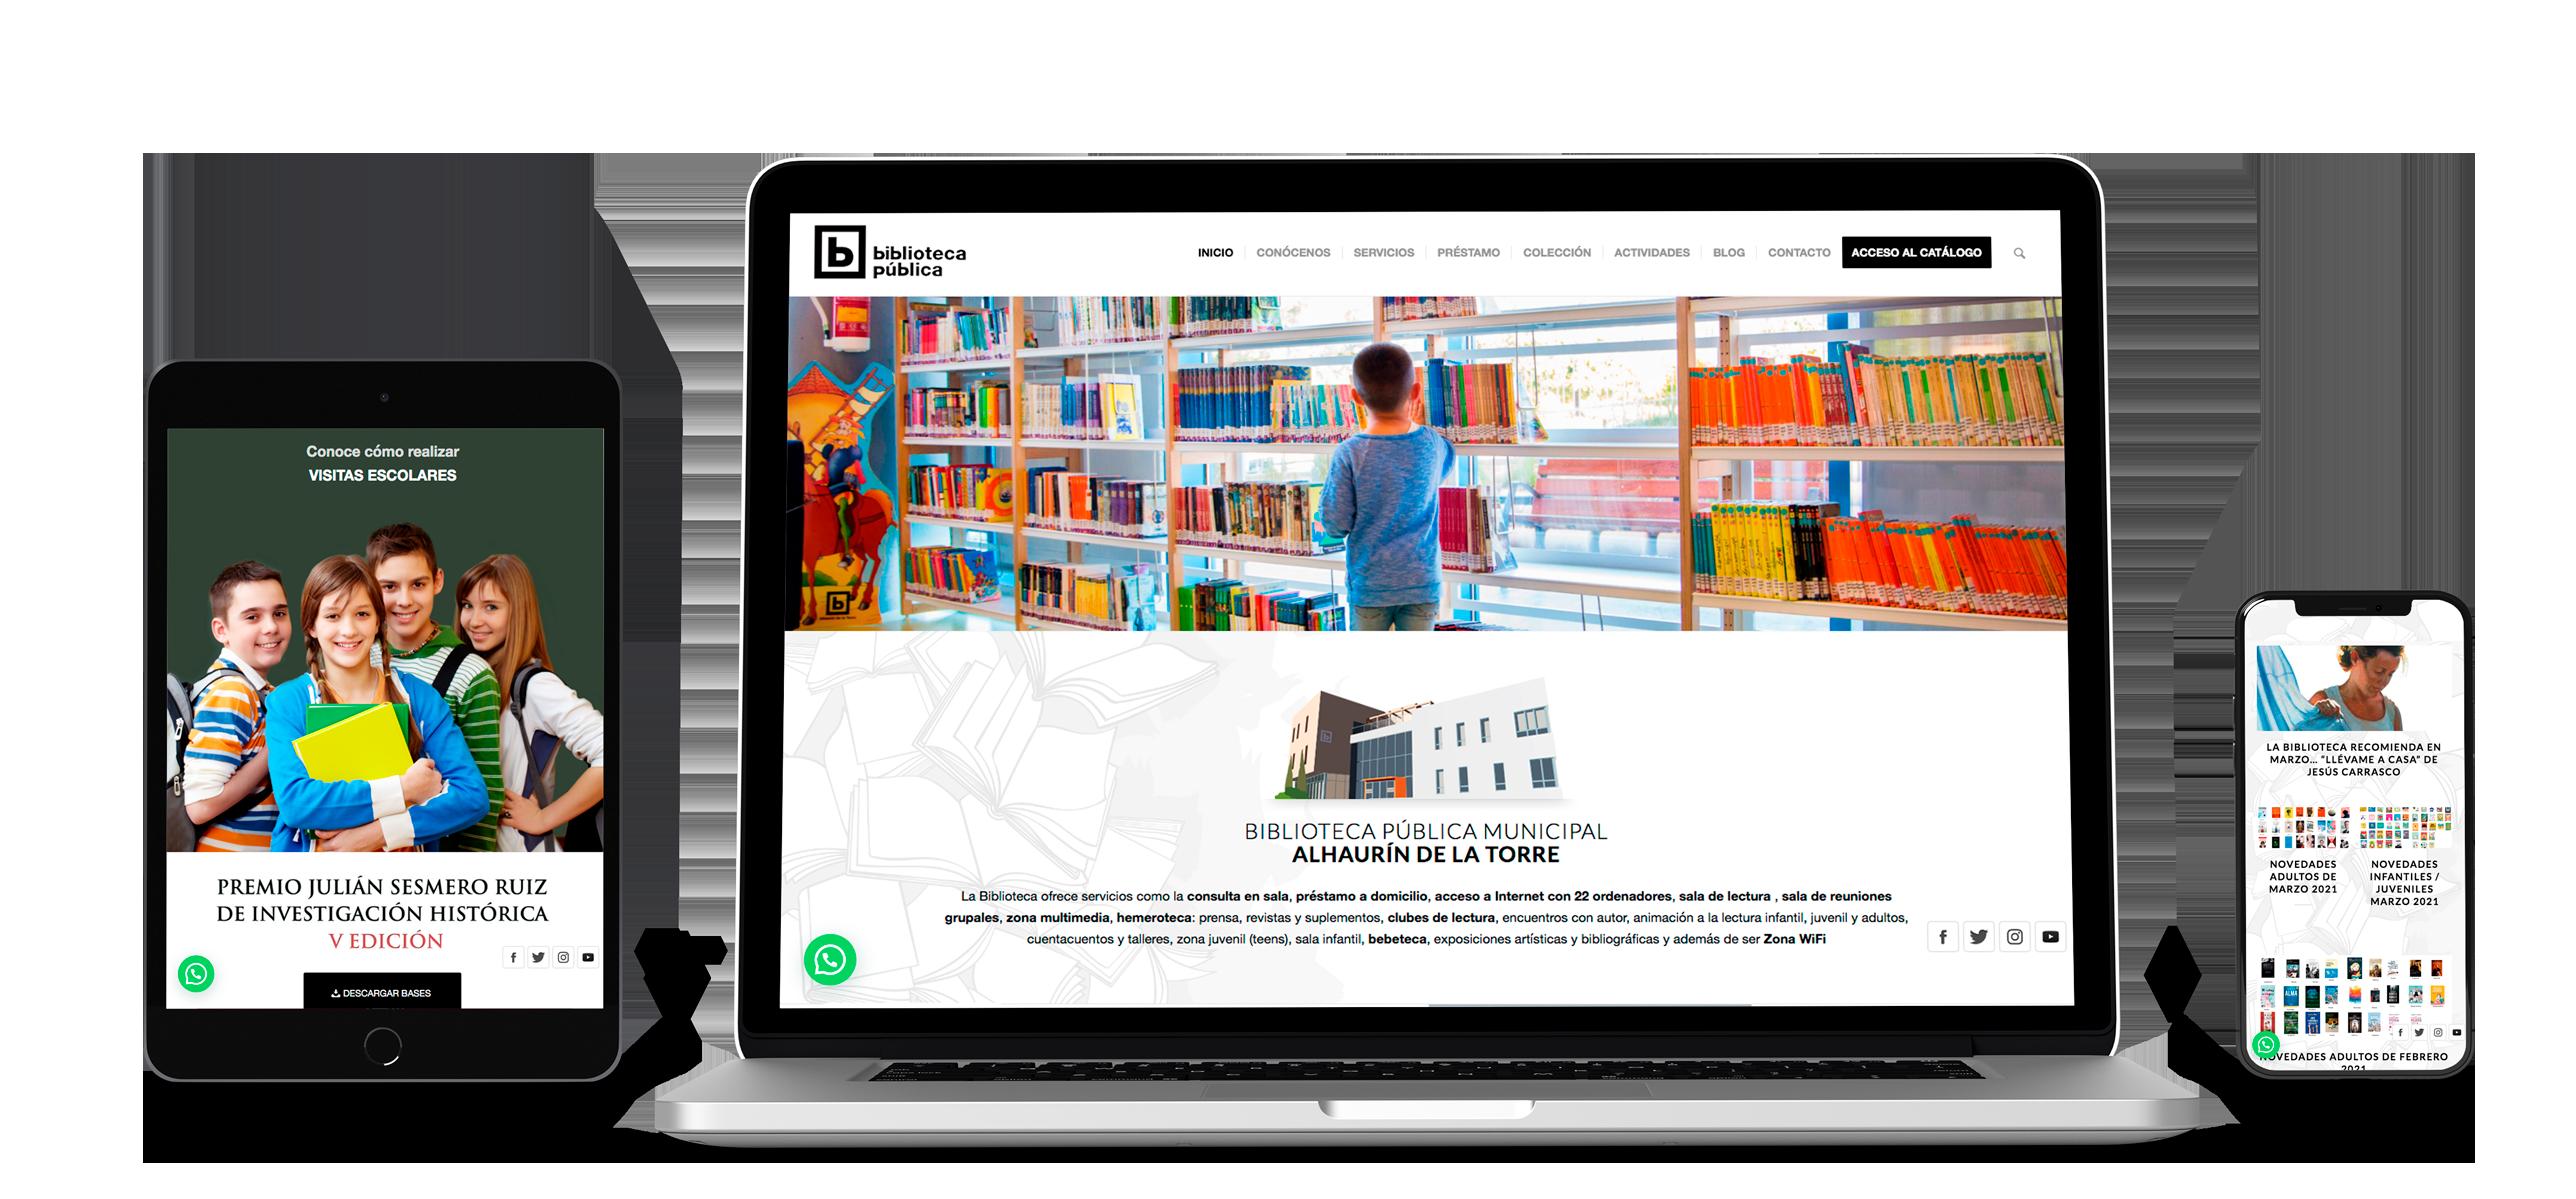 Web Biblioteca Pública Alhaurín de la Torre Fans Marketing Málaga